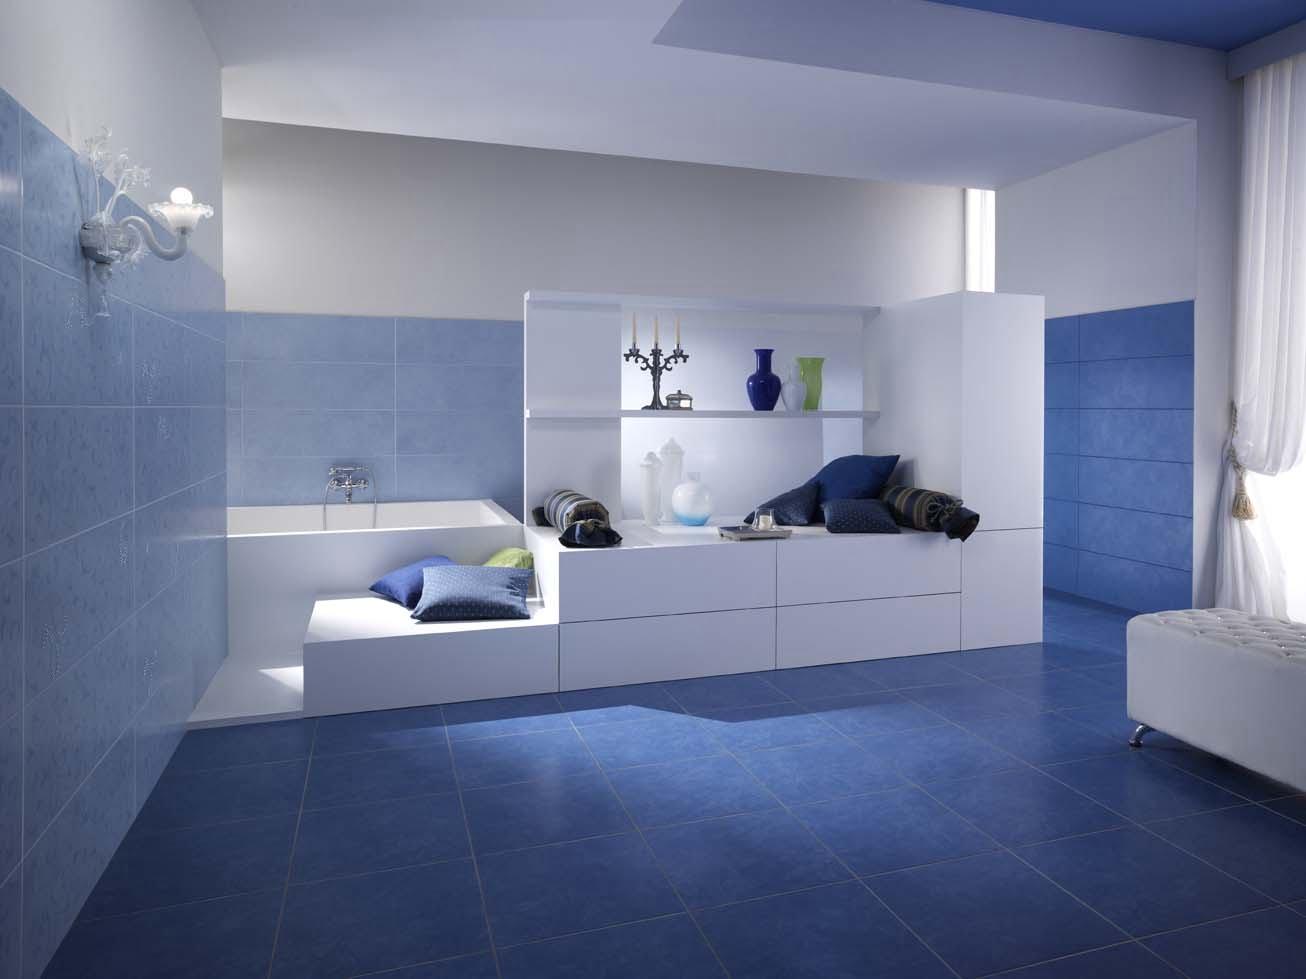 Bagno bianco e blu lavandino del bagno bianco del sottotetto e